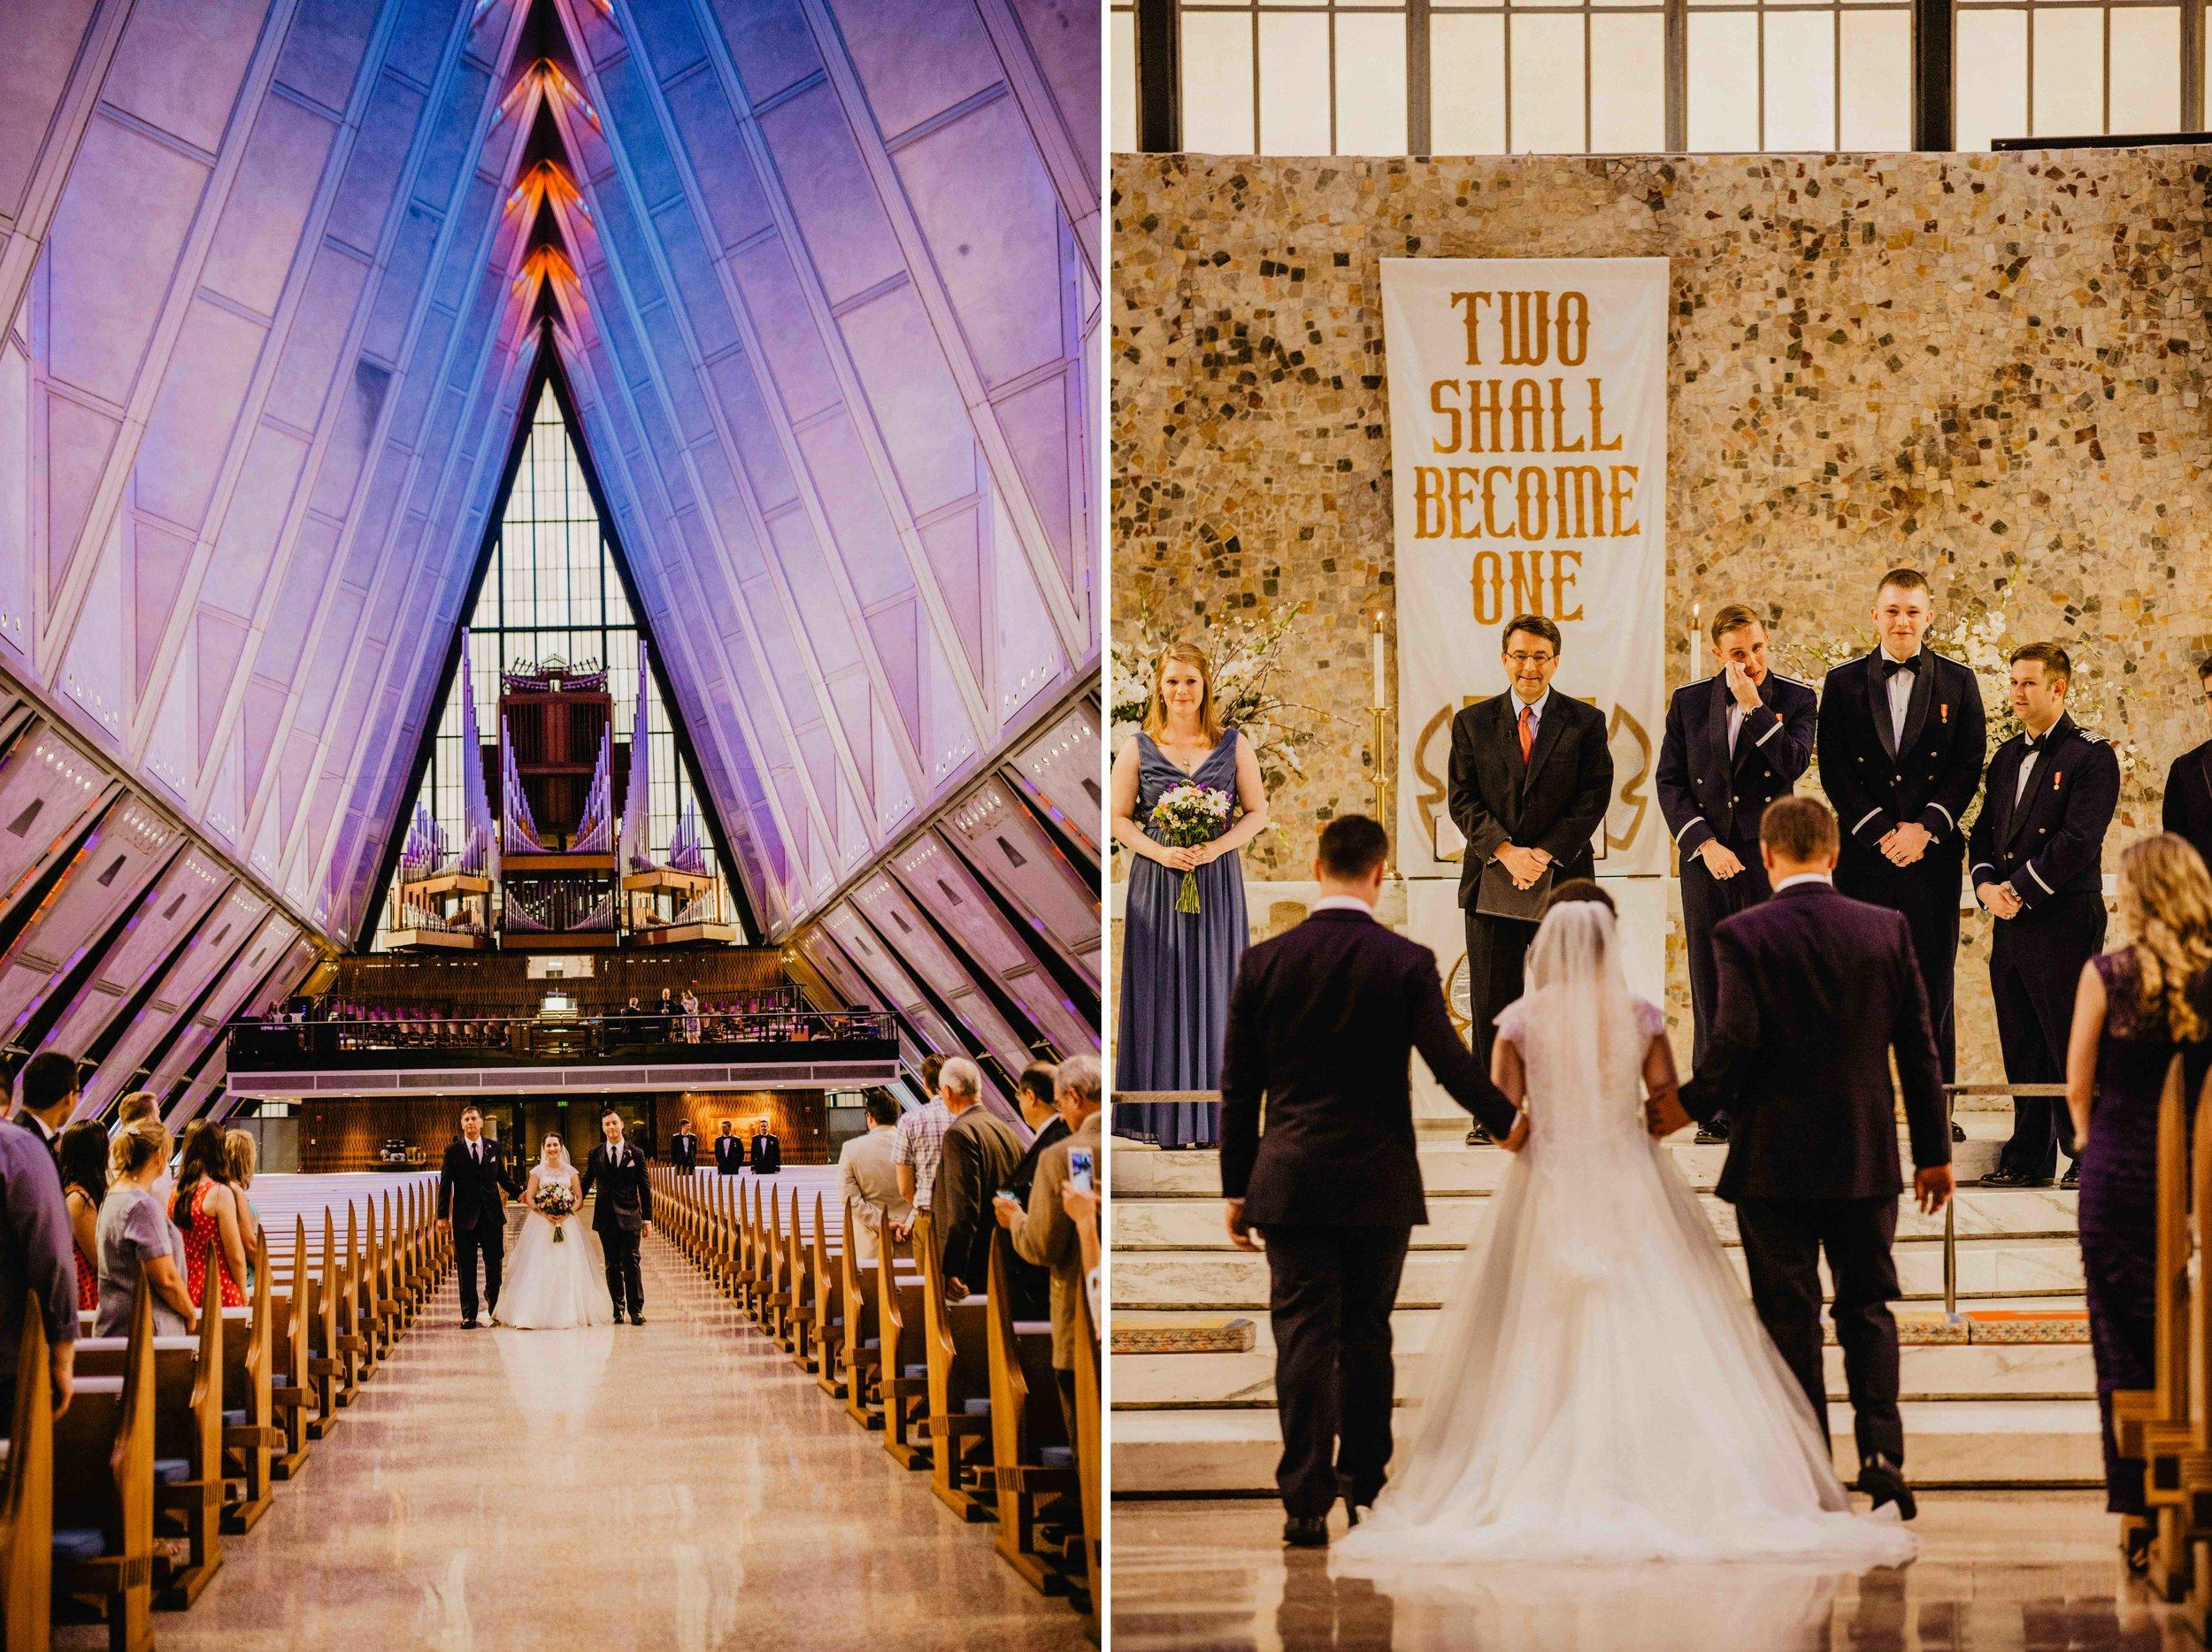 4W7A9717-colorado-wedding-photographer-denver-springs-vail--colorado-wedding-photographer-denver-springs-vail-.jpeg